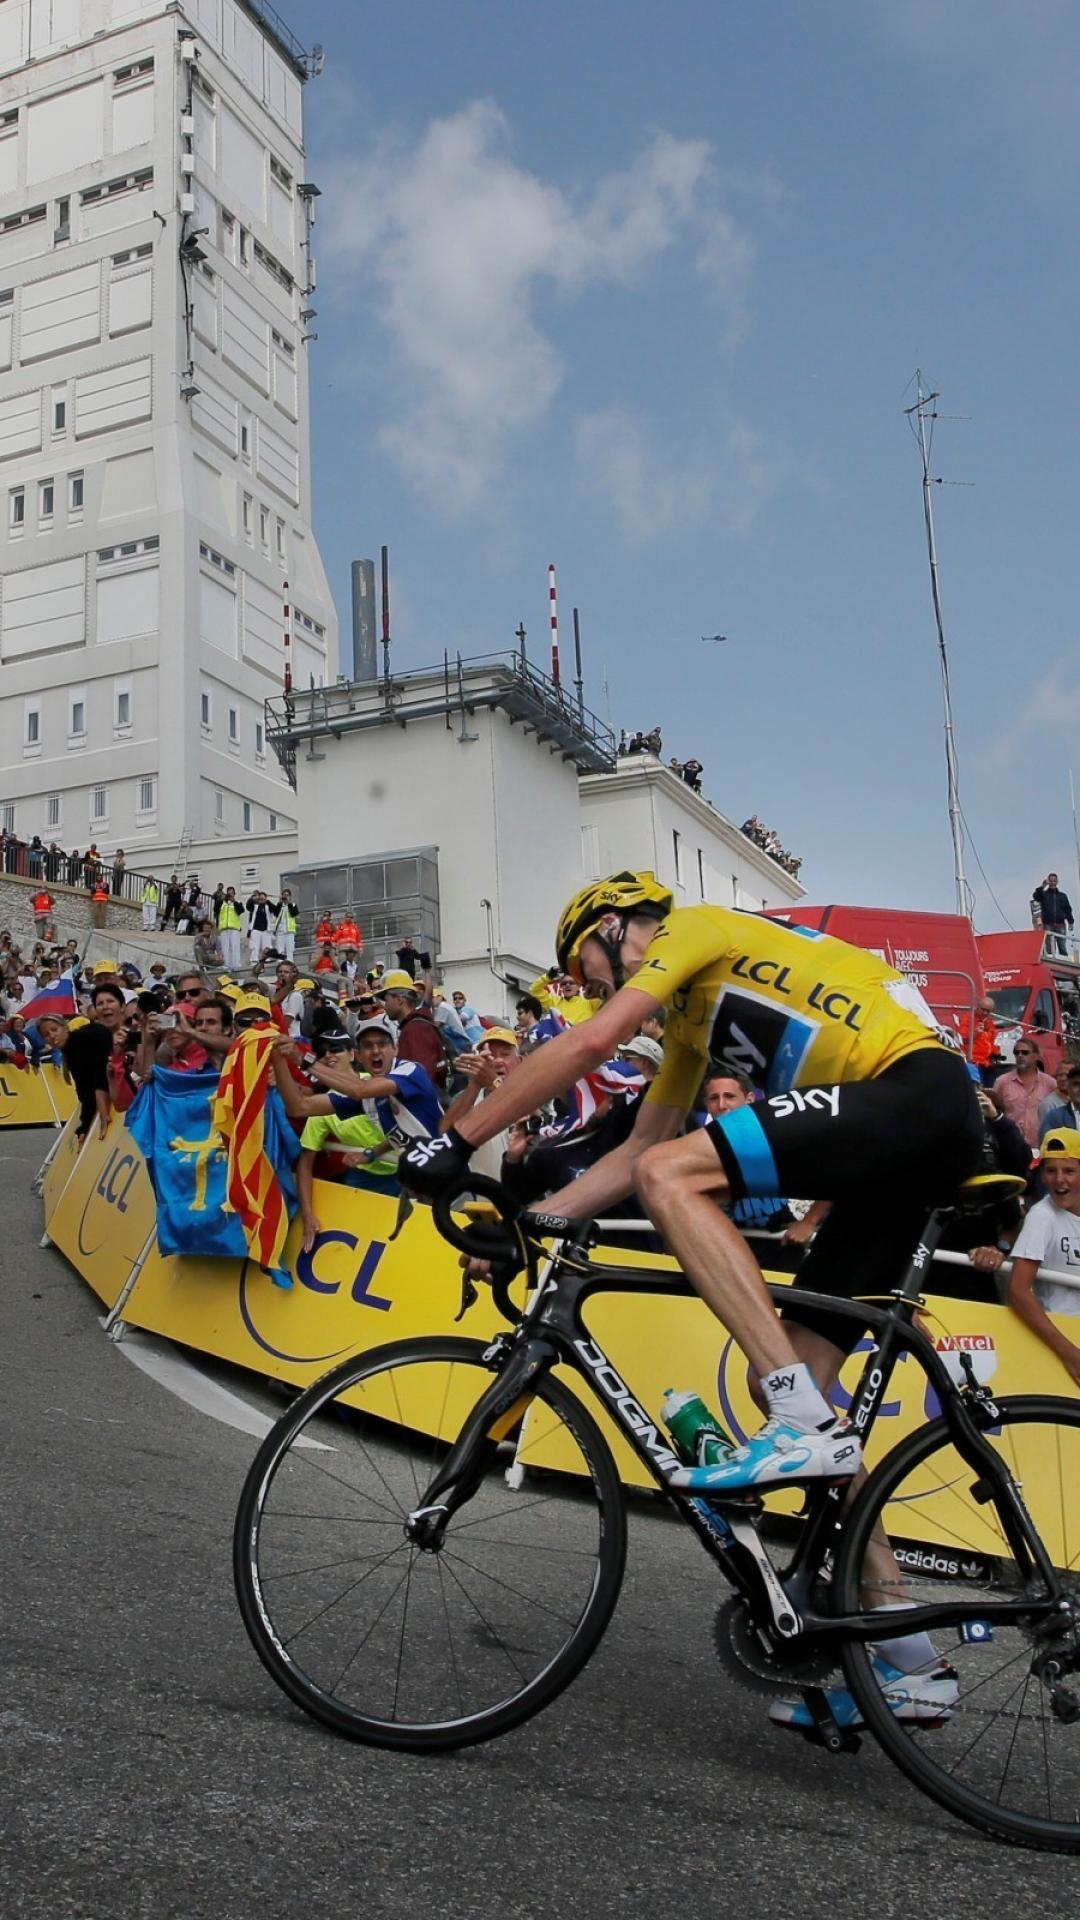 Mont ventoux tour de france cycling sports wallpaper 1080x1920